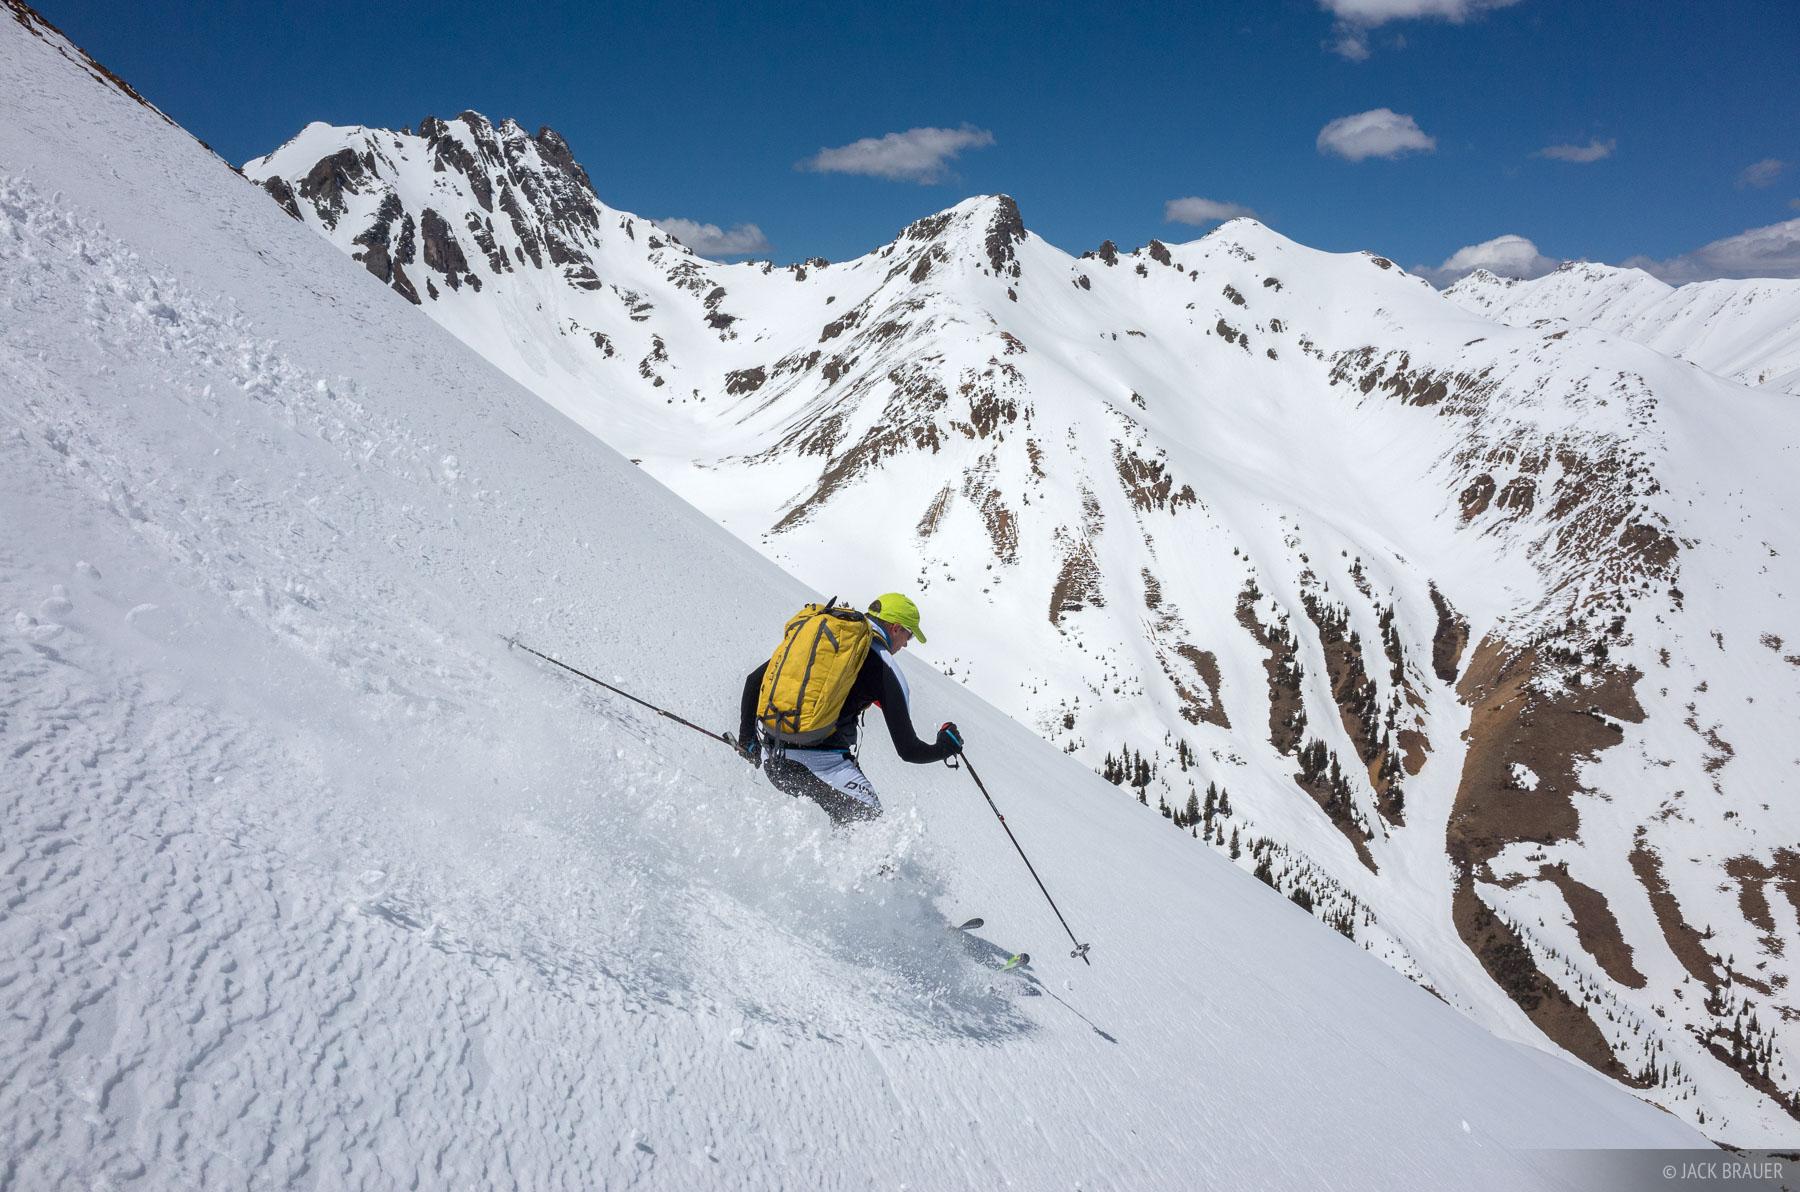 Colorado,Ophir Pass,San Juan Mountains,skiing, photo